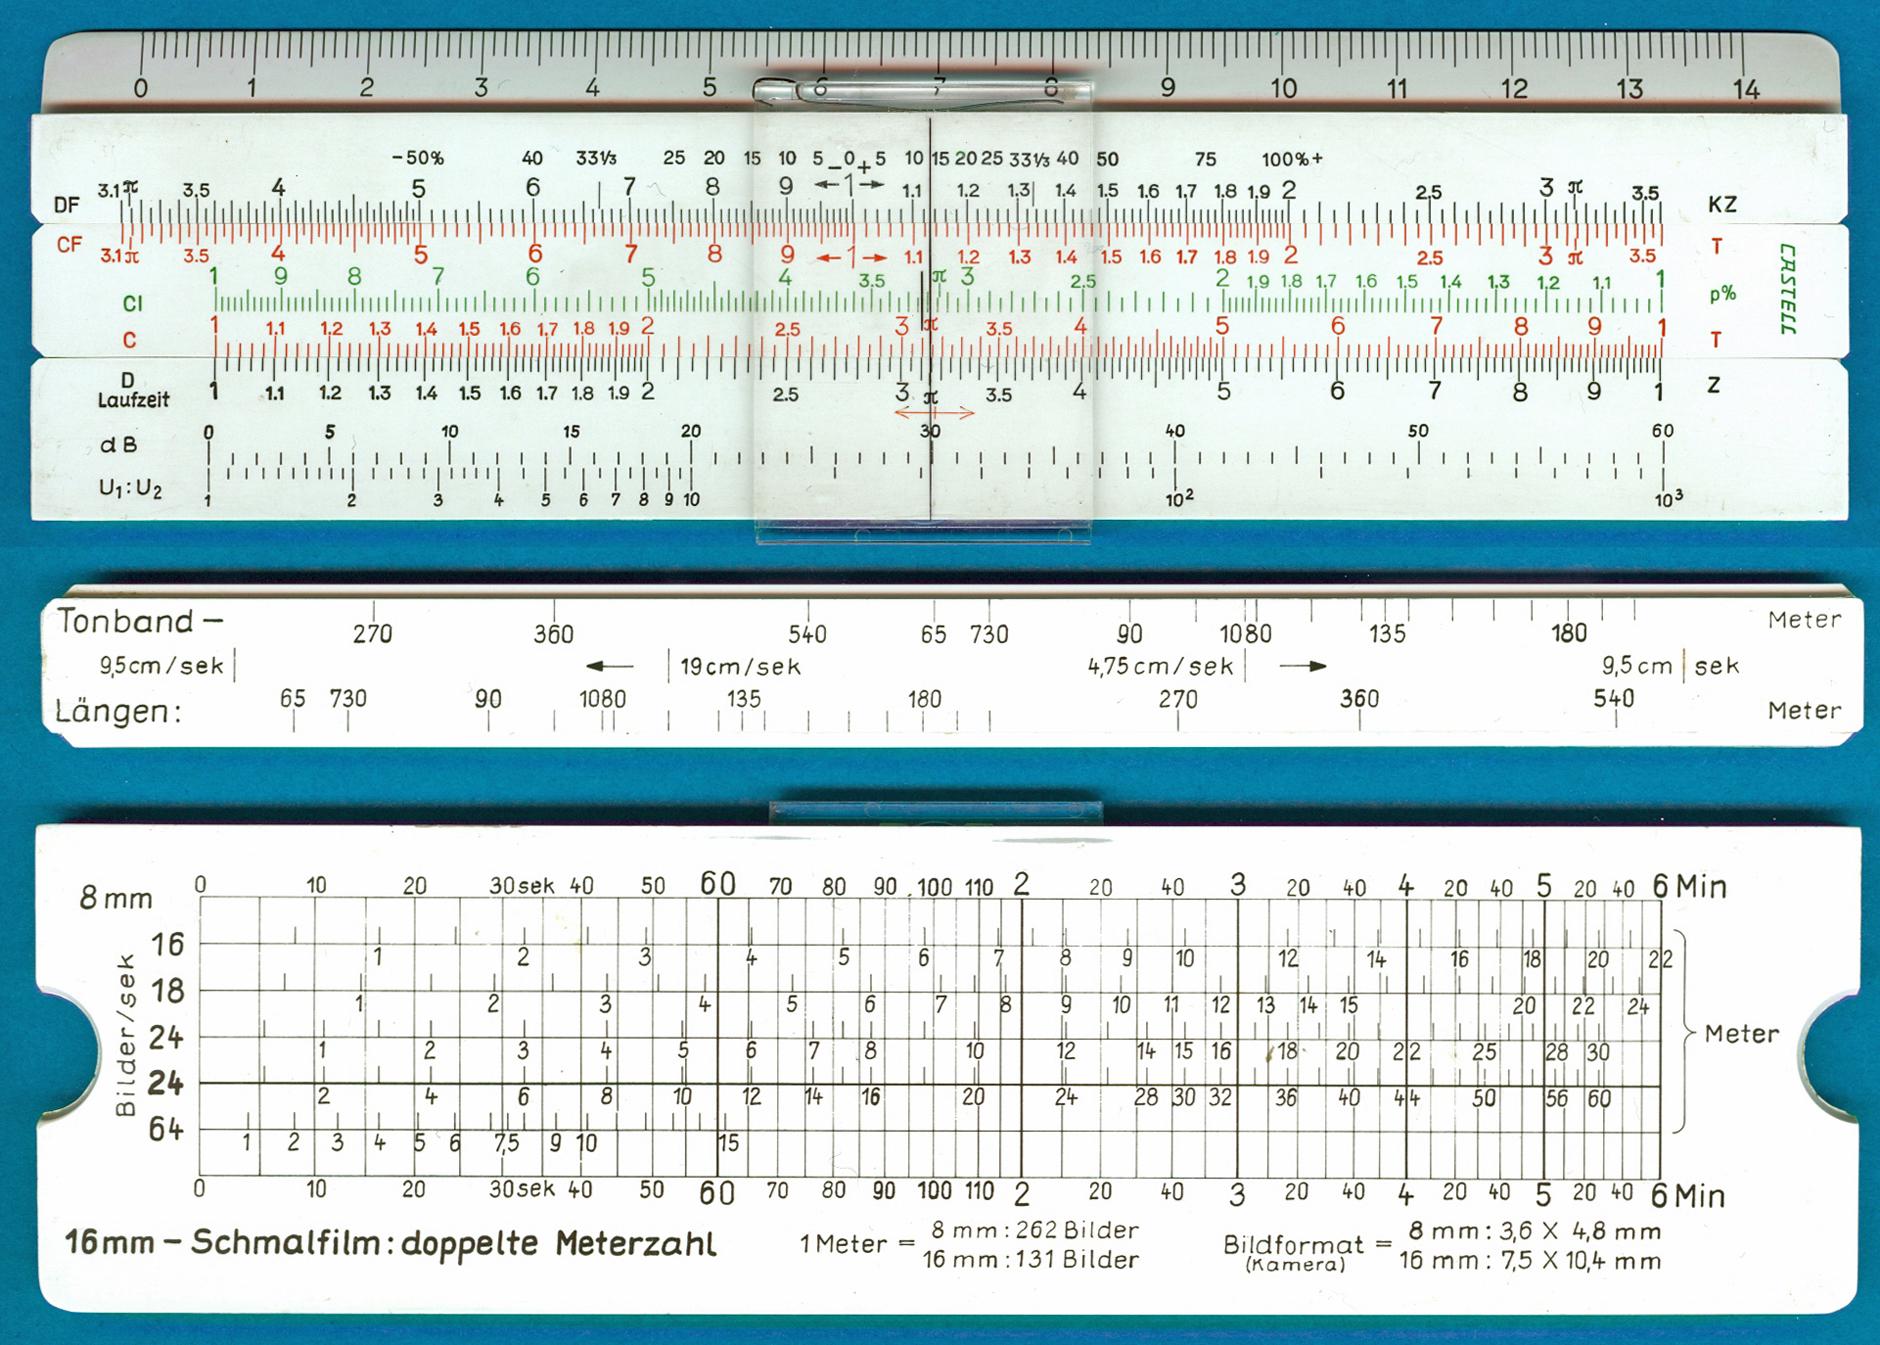 A.W. Faber-Castell BASF Tonband-Schmalfilm-Rechner